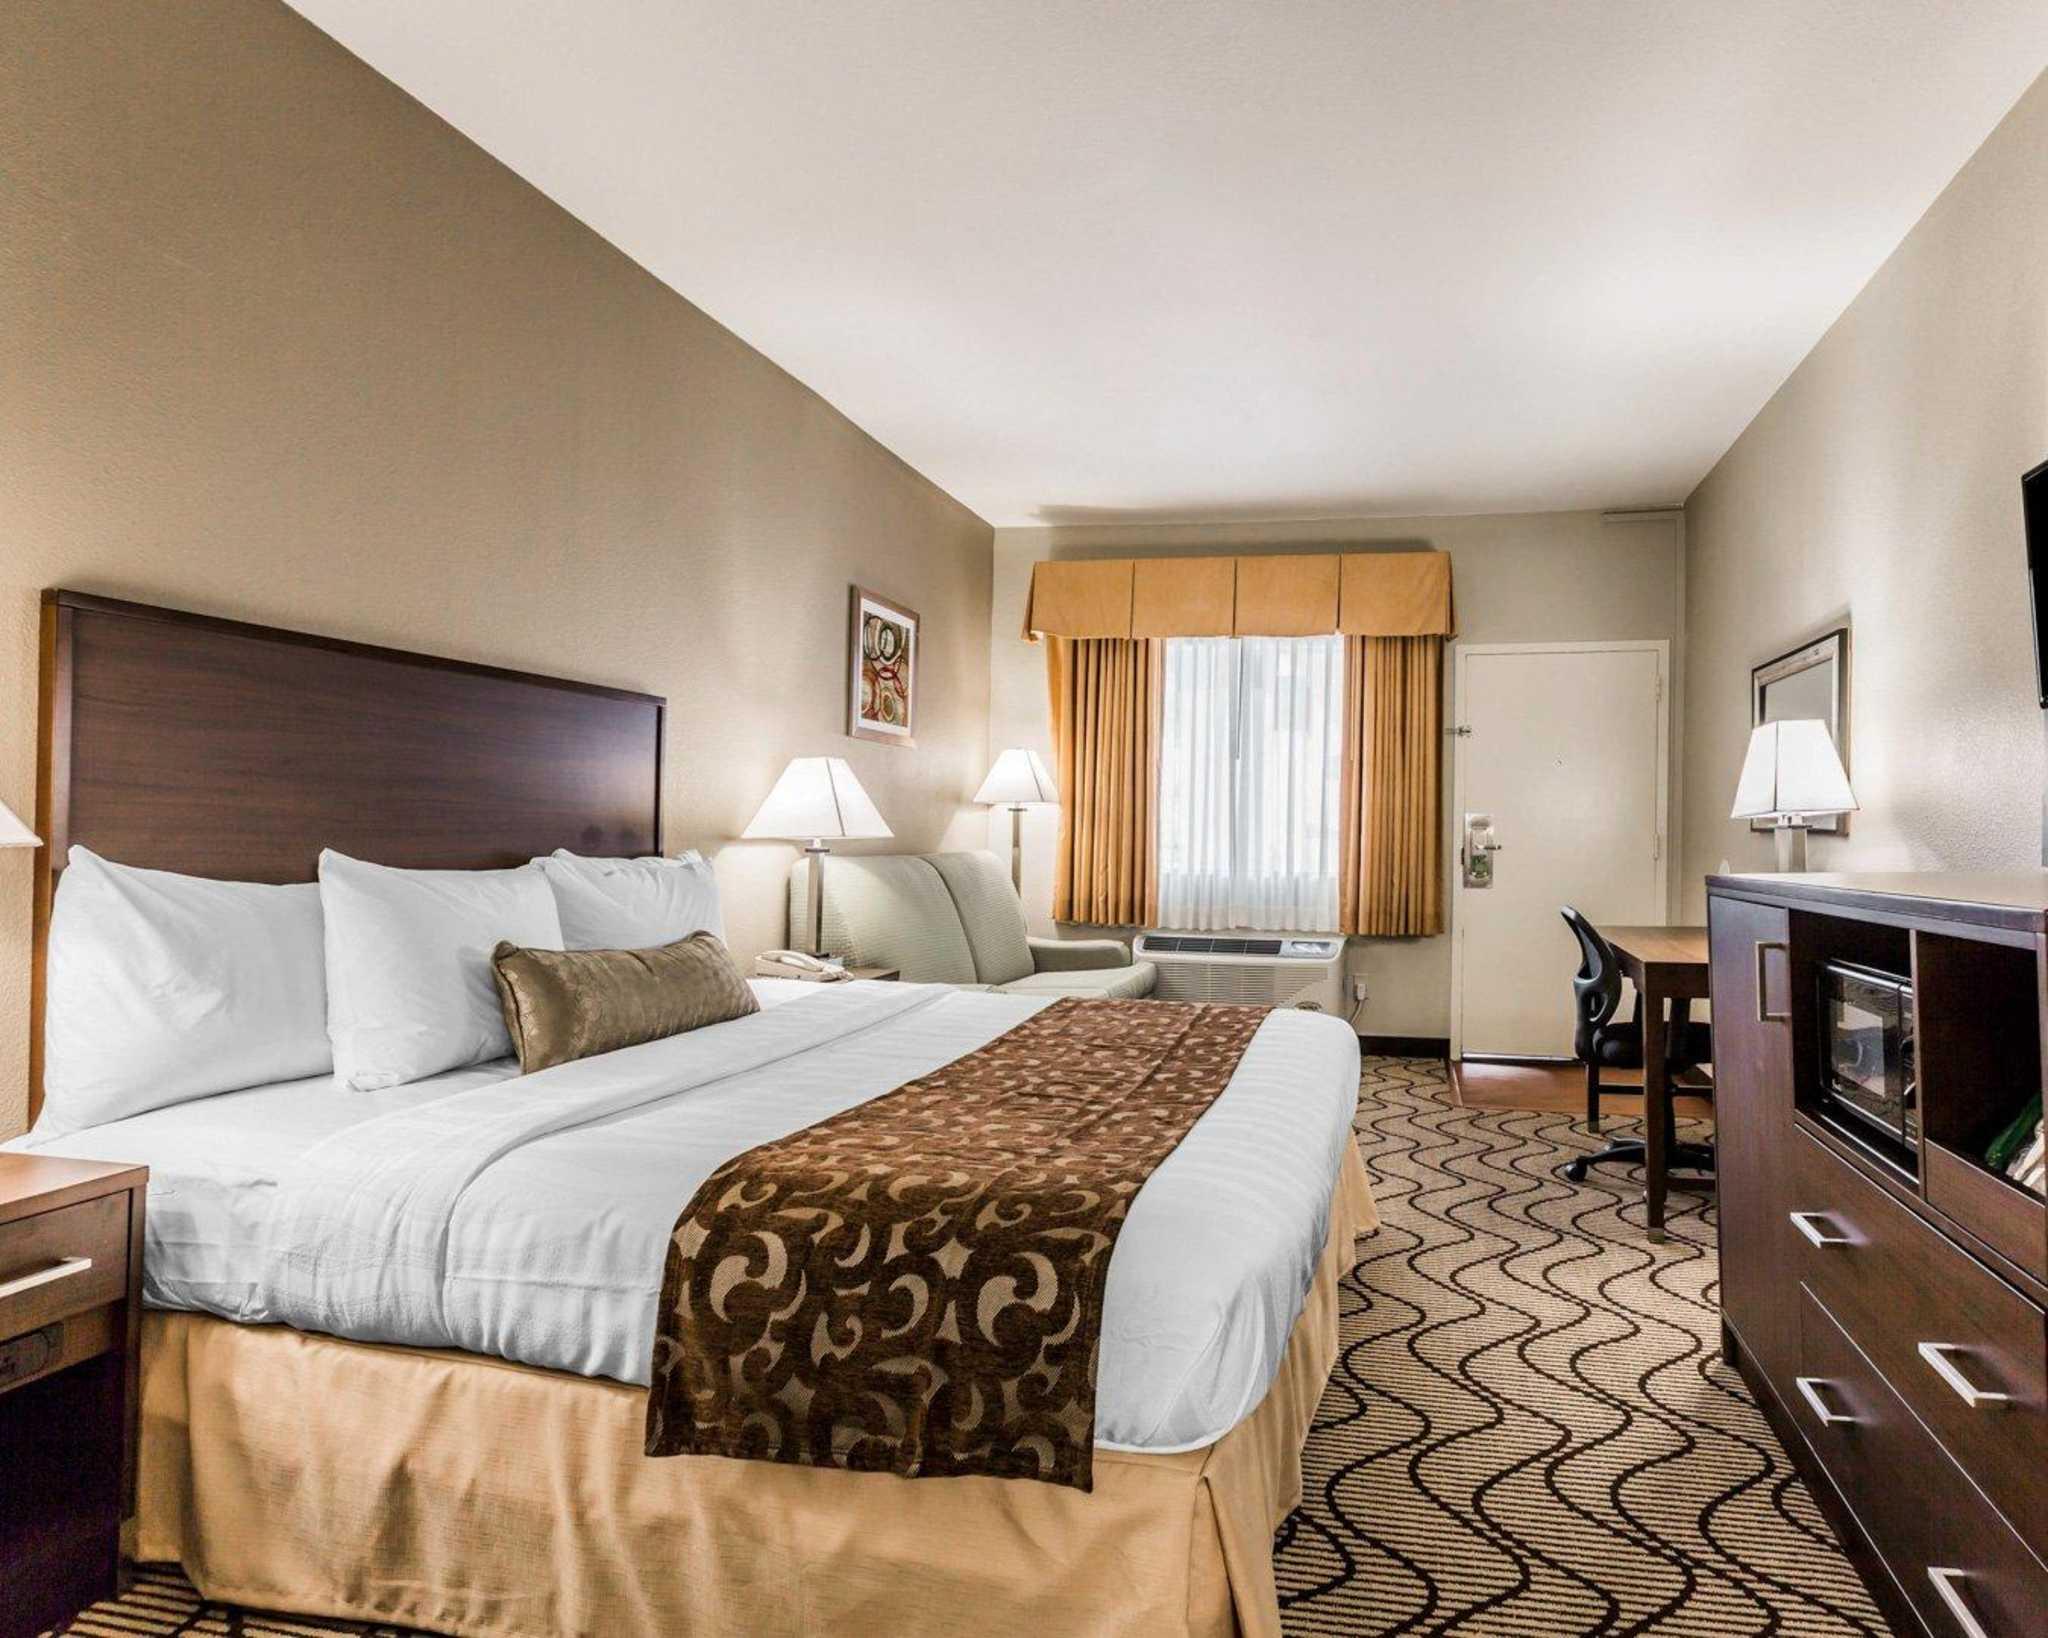 Comfort Inn & Suites Orange County John Wayne Airport image 14